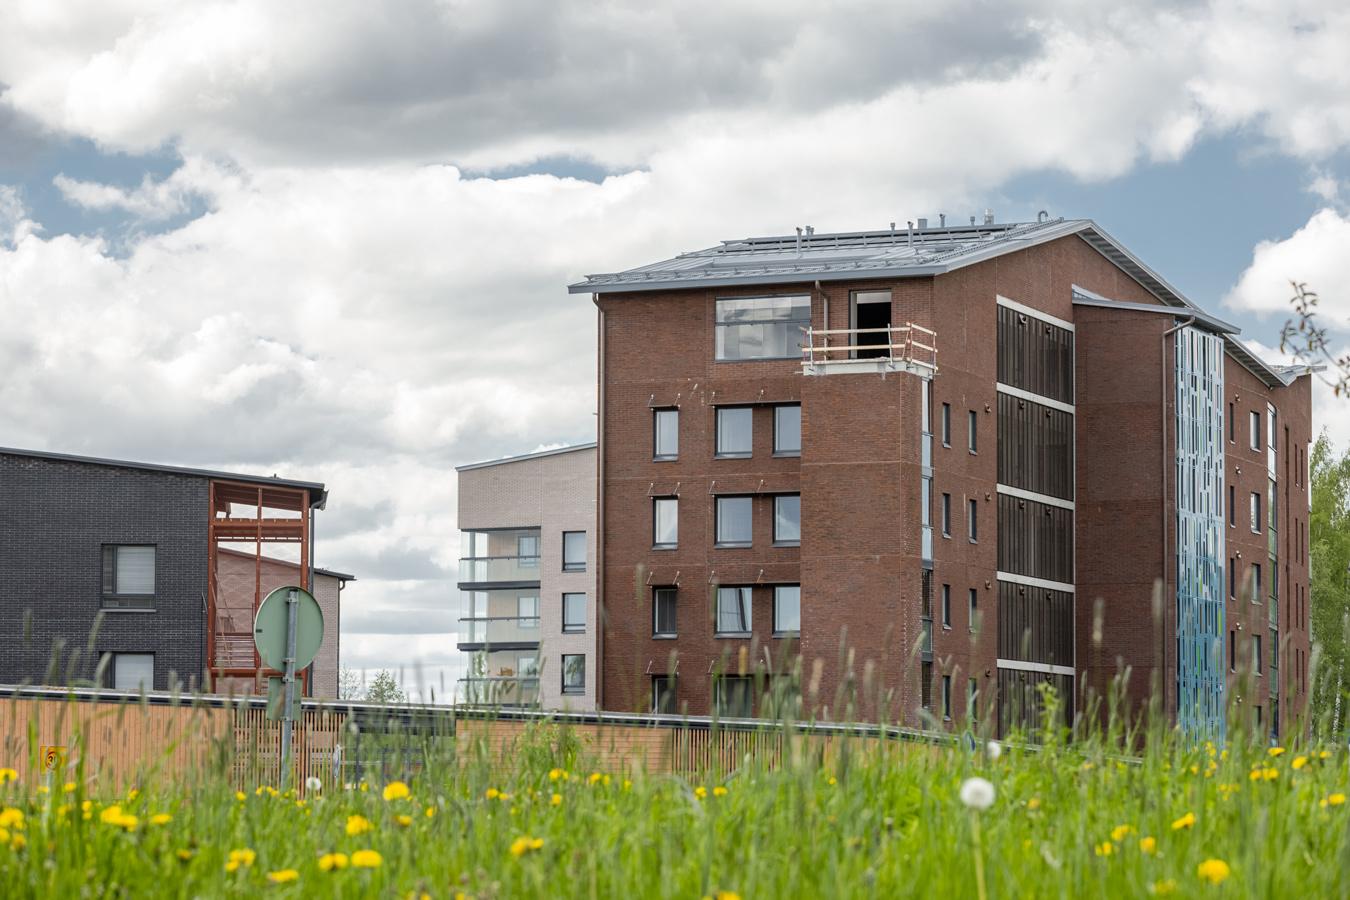 UKI Arkkitehtien suunnitteleman lohjan asuntomessujen kumppanuuskortteli rakennusvaiheessa